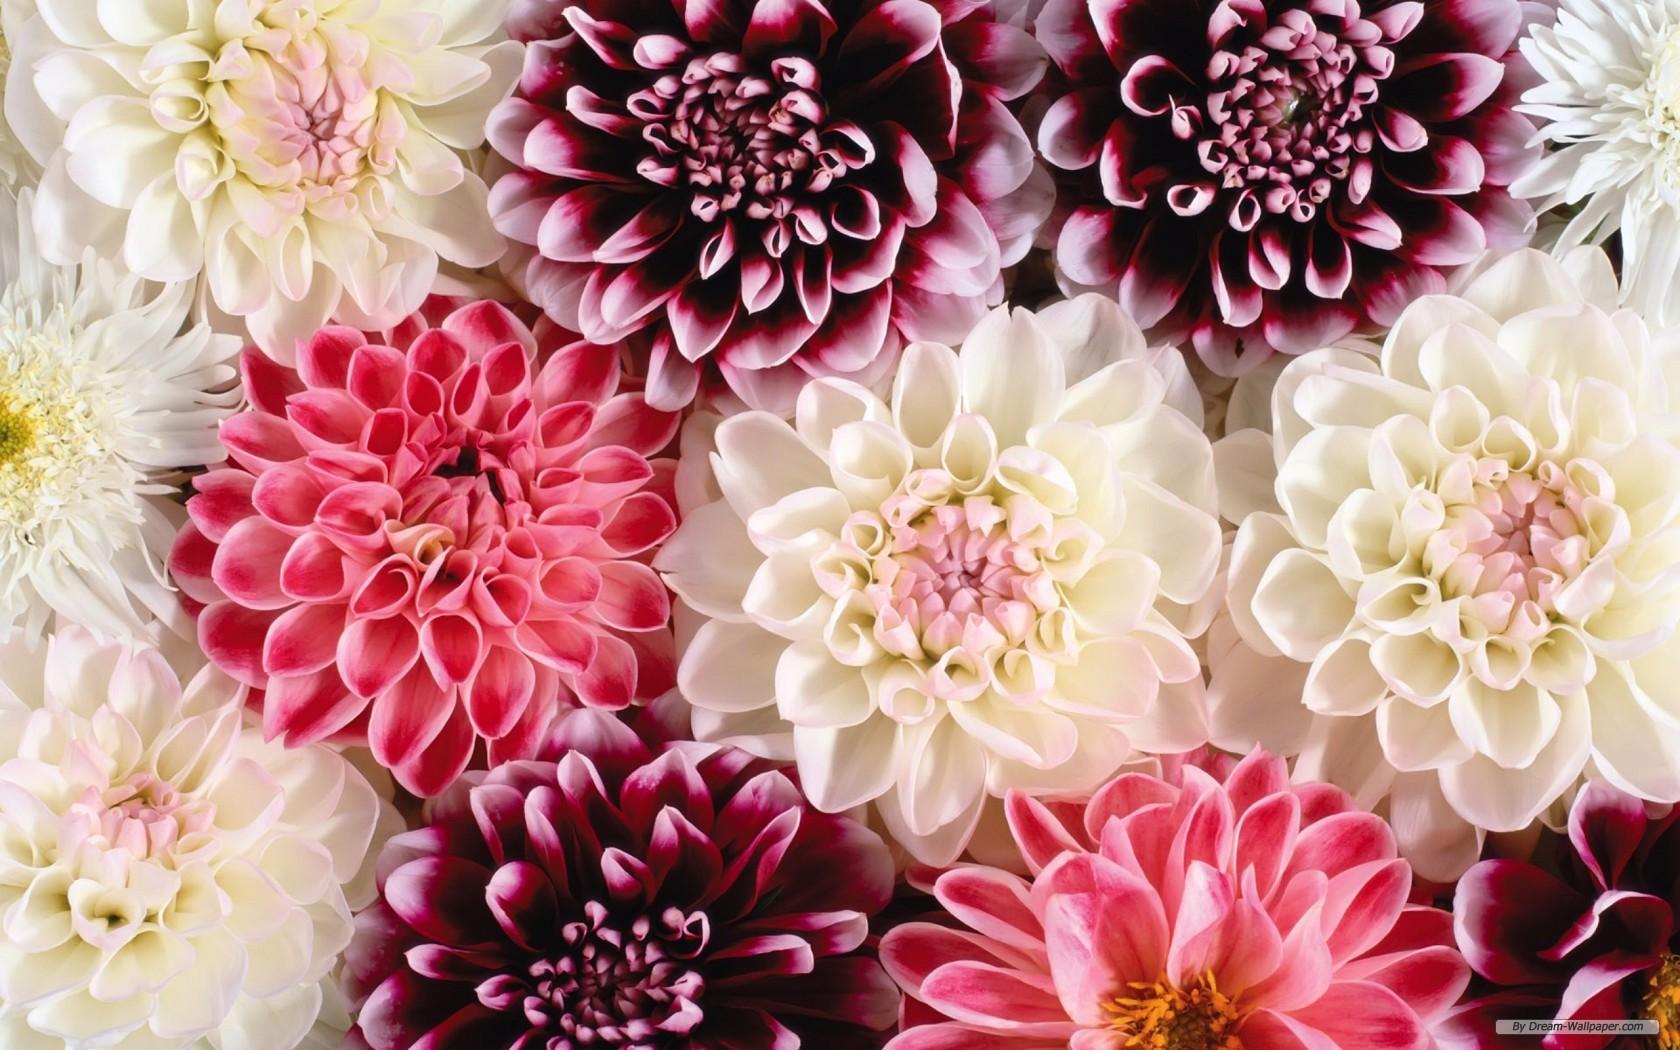 Flower Wallpaper Flower Desktop Backgrounds 1680x1050 Download Hd Wallpaper Wallpapertip